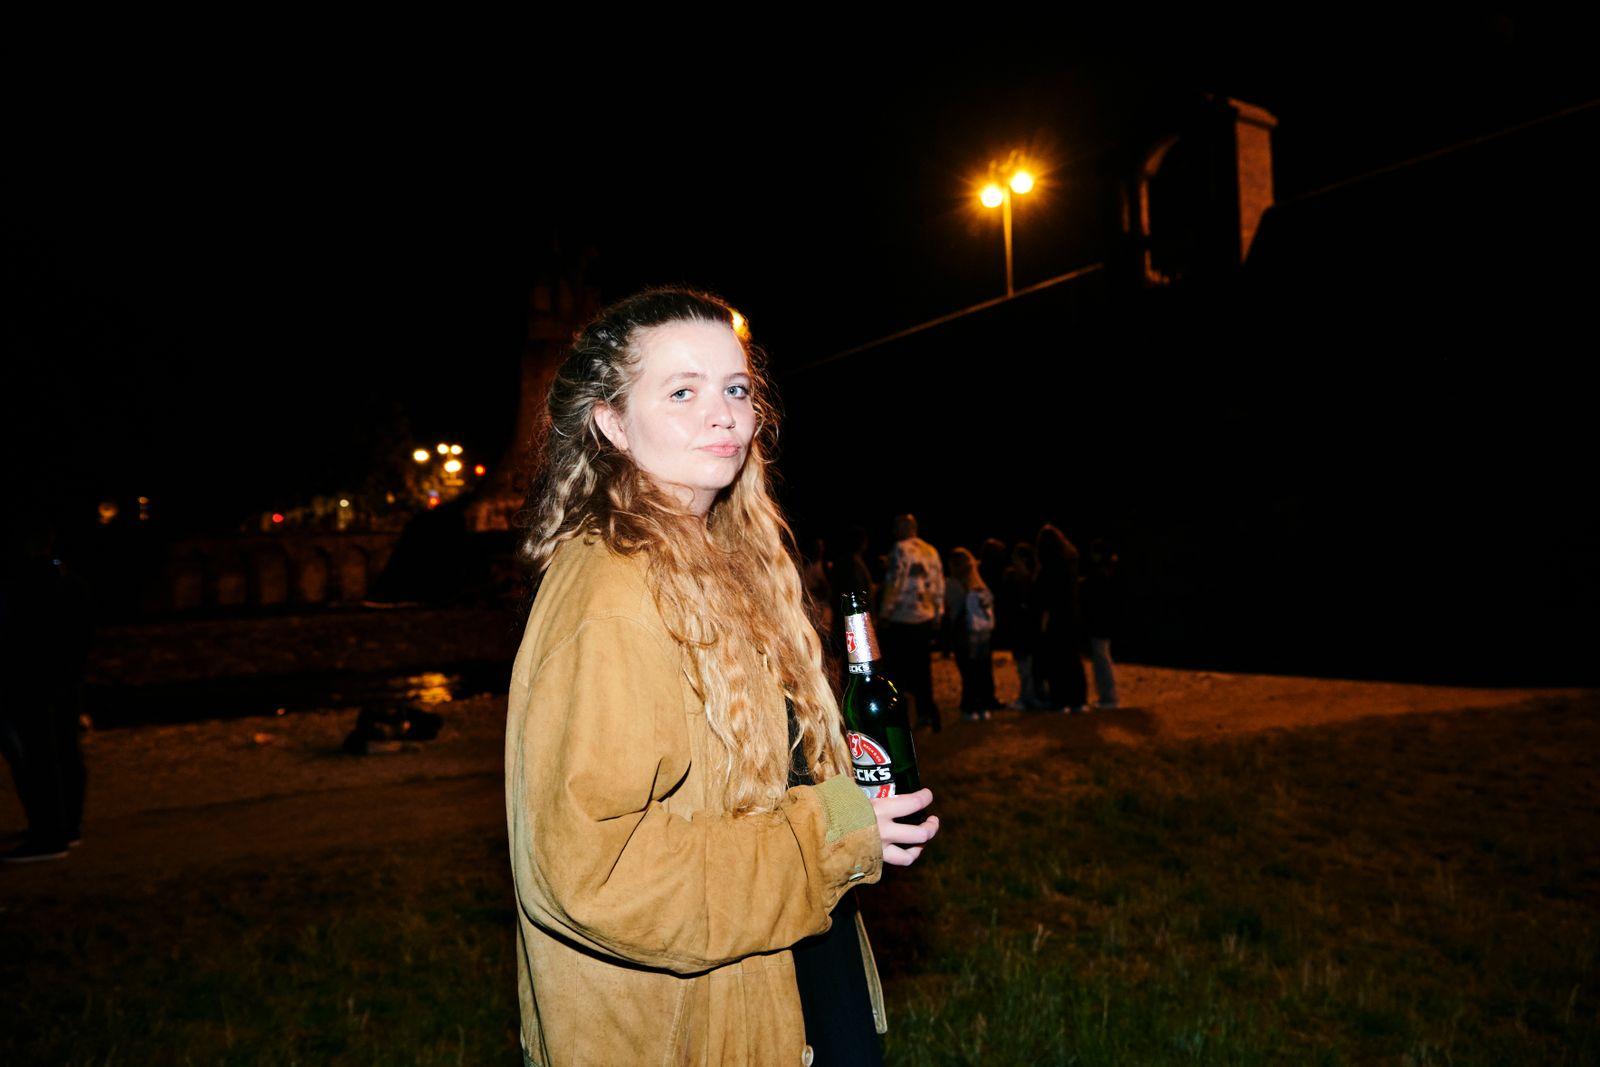 Die Journalistin Stefanie Witterauf an der Wittelsbacherbrücke in München